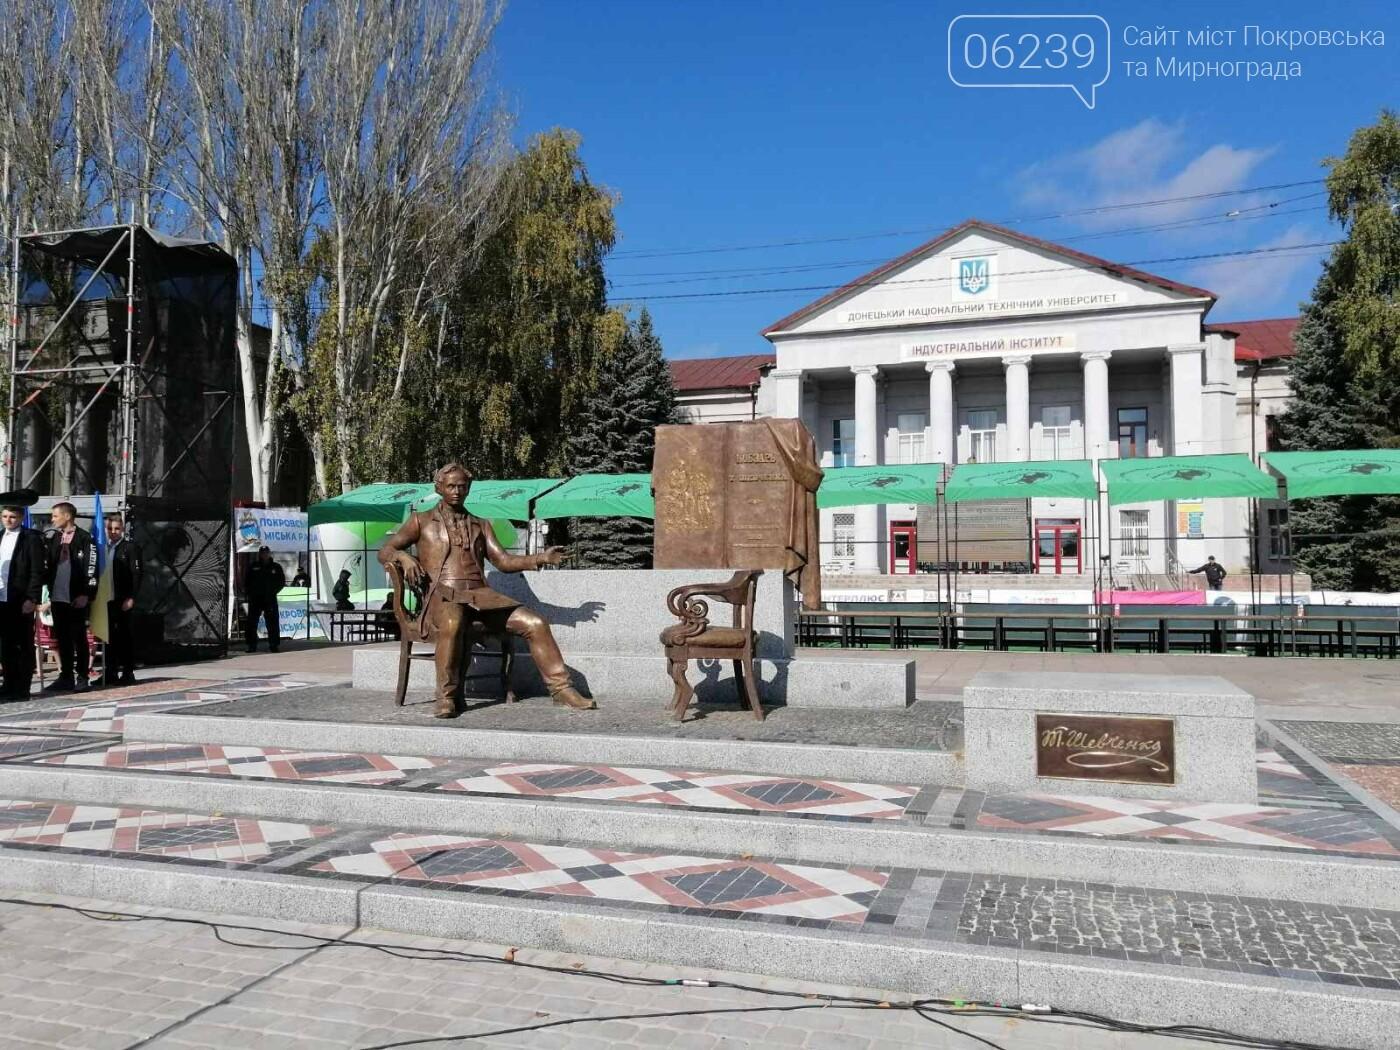 В Покровске состоялось торжественное открытие памятника Шевченко, фото-12